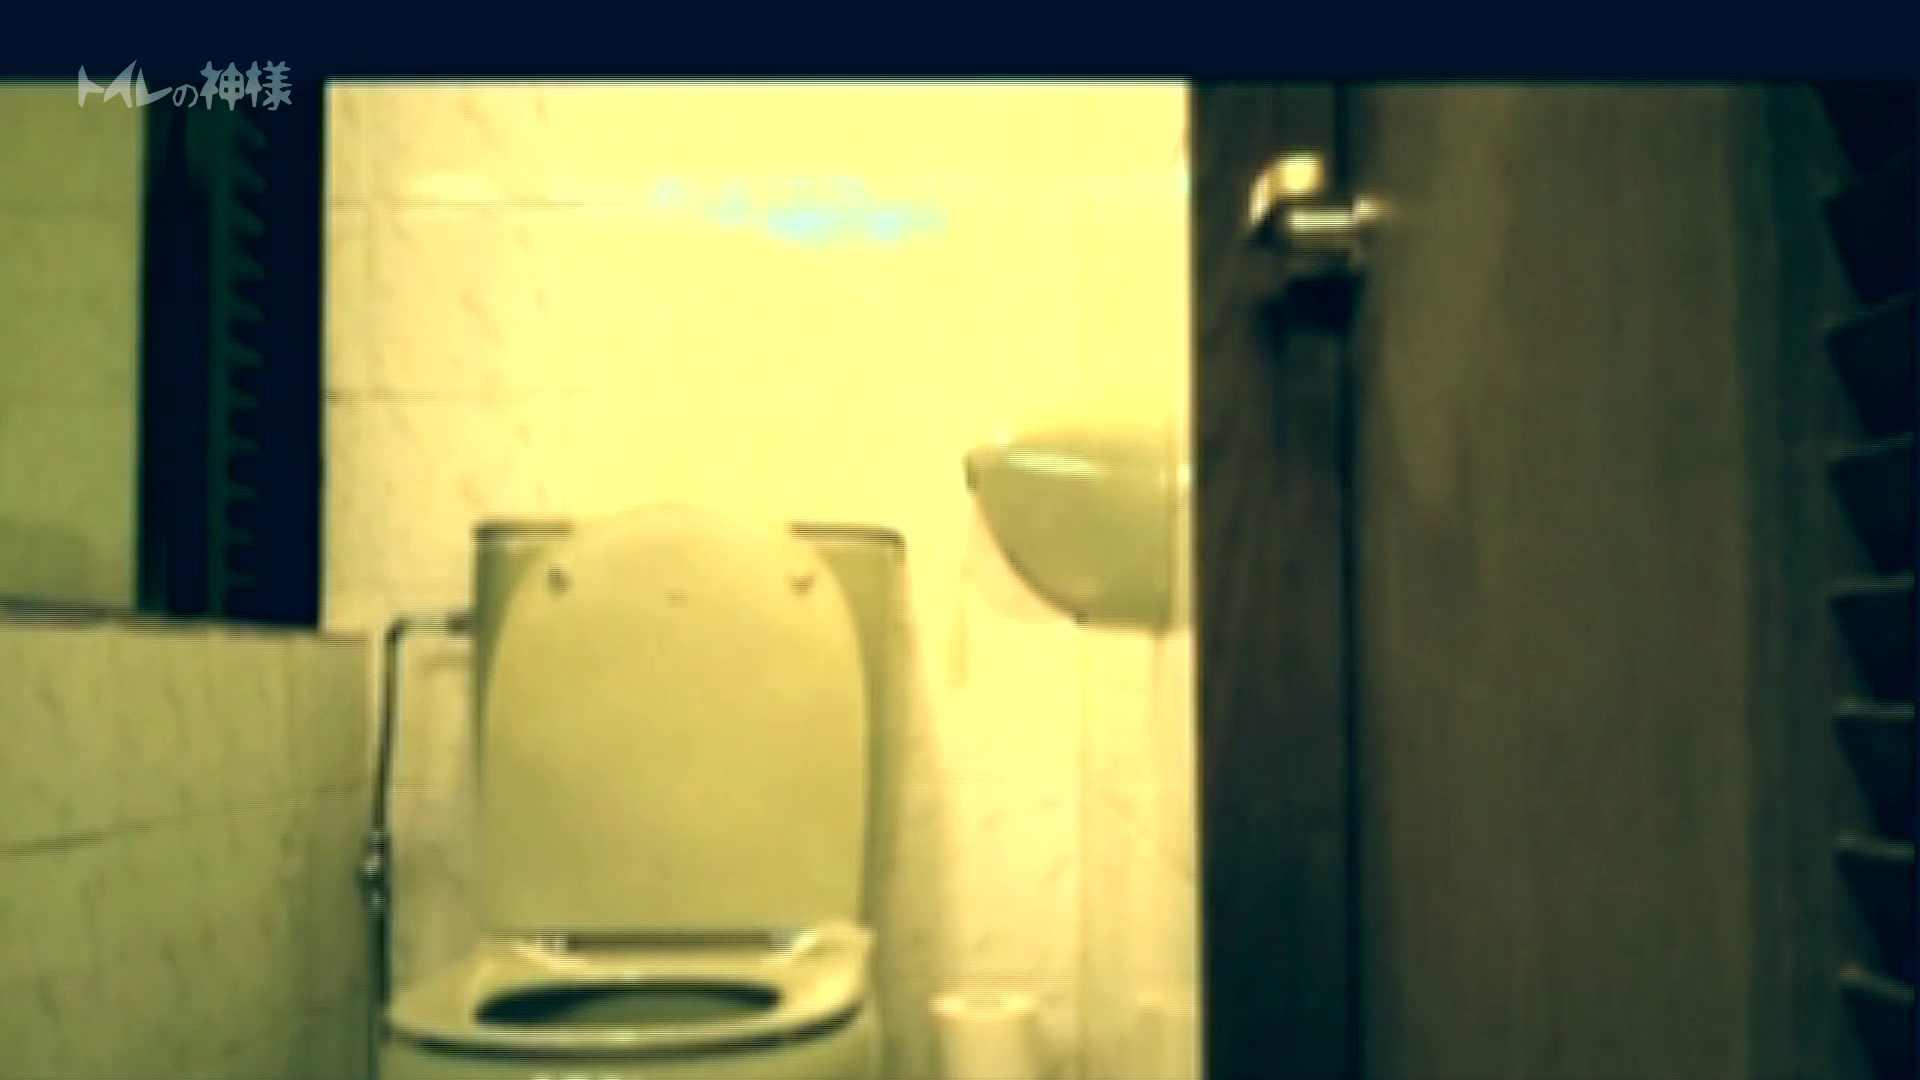 トイレの神様 Vol.01 花の女子大生うんこ盗撮1 うんこ  59pic 35